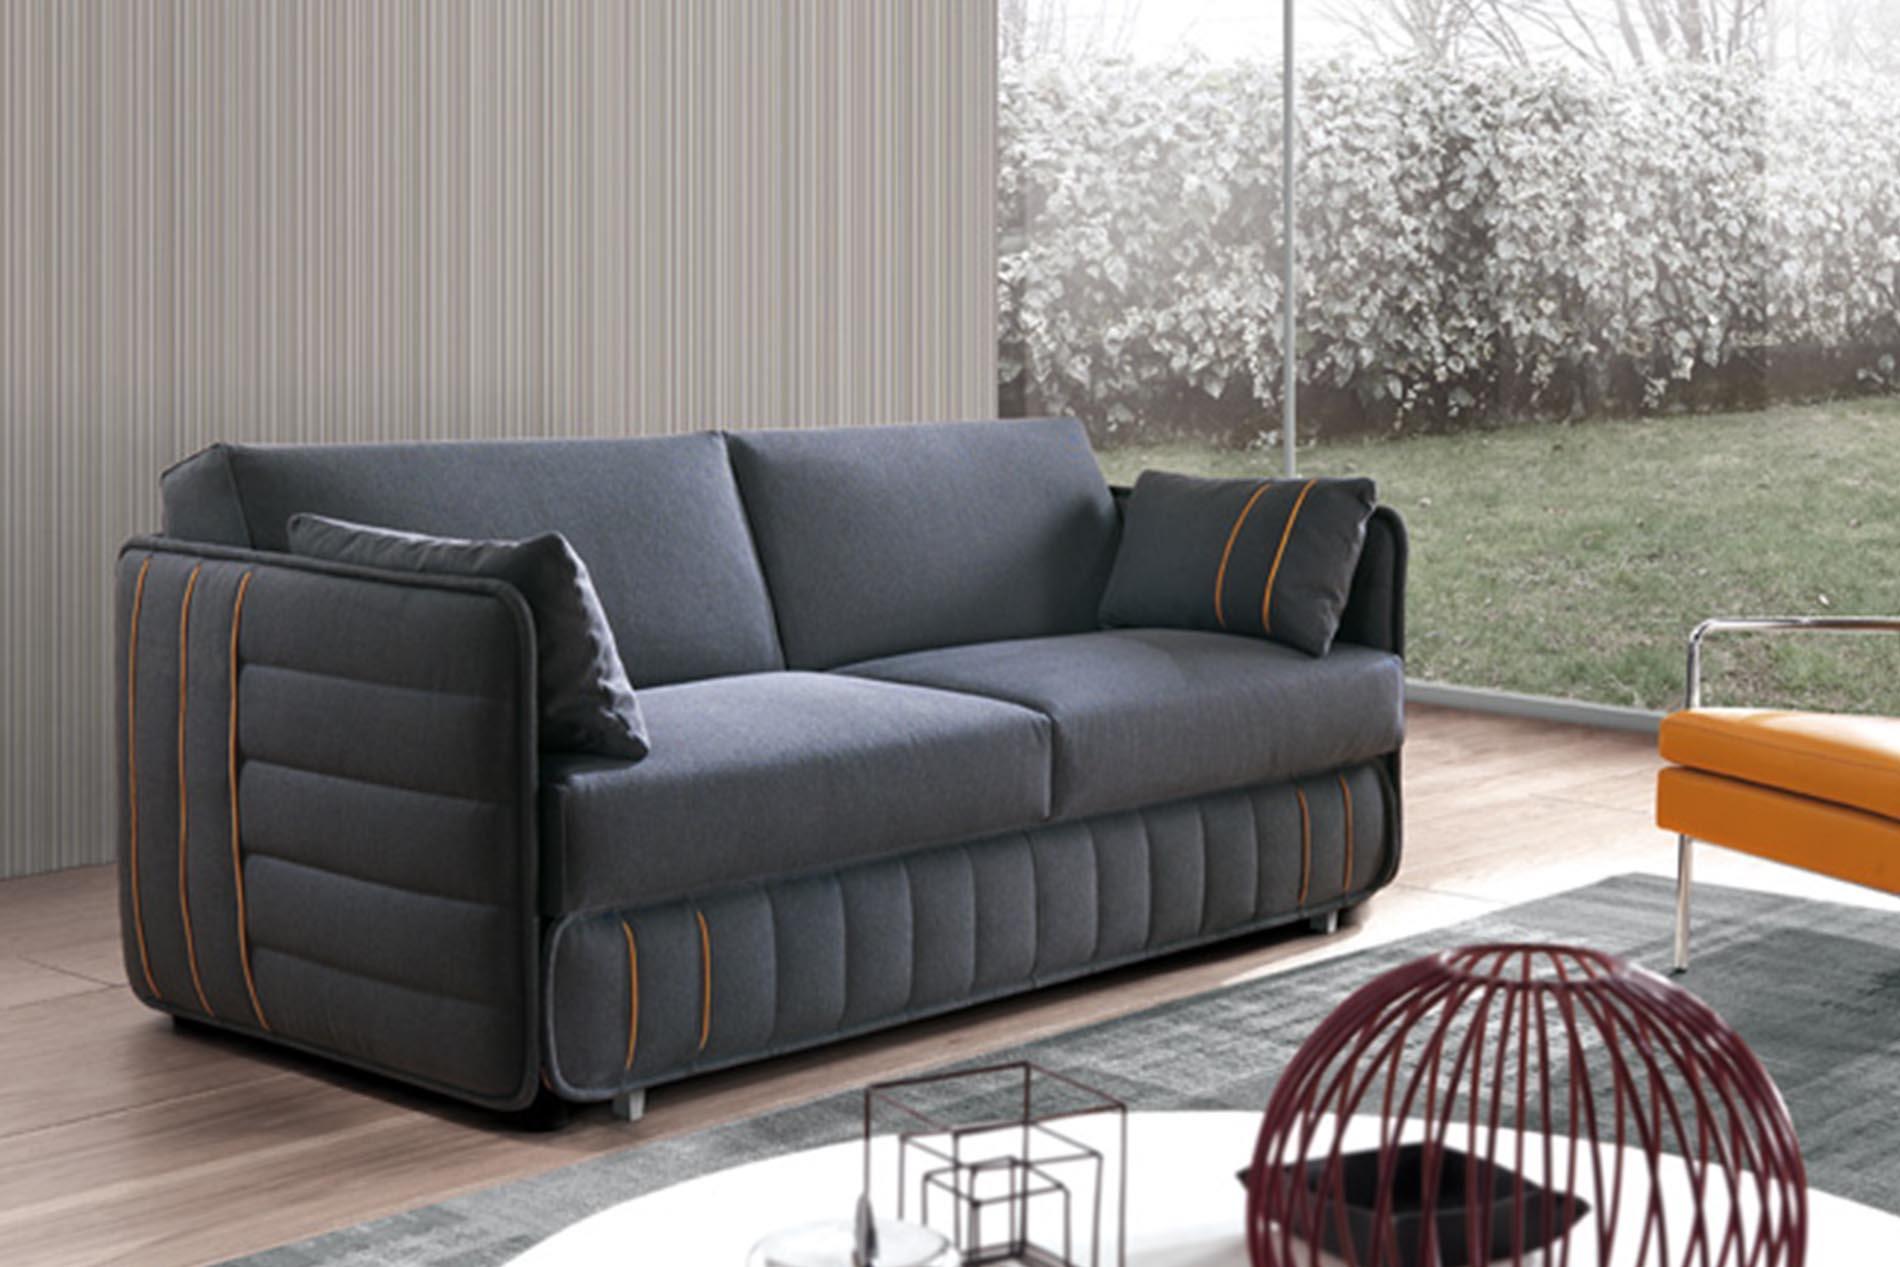 atelier bettsofa von pol74 walter bissig m bel f r b ro. Black Bedroom Furniture Sets. Home Design Ideas